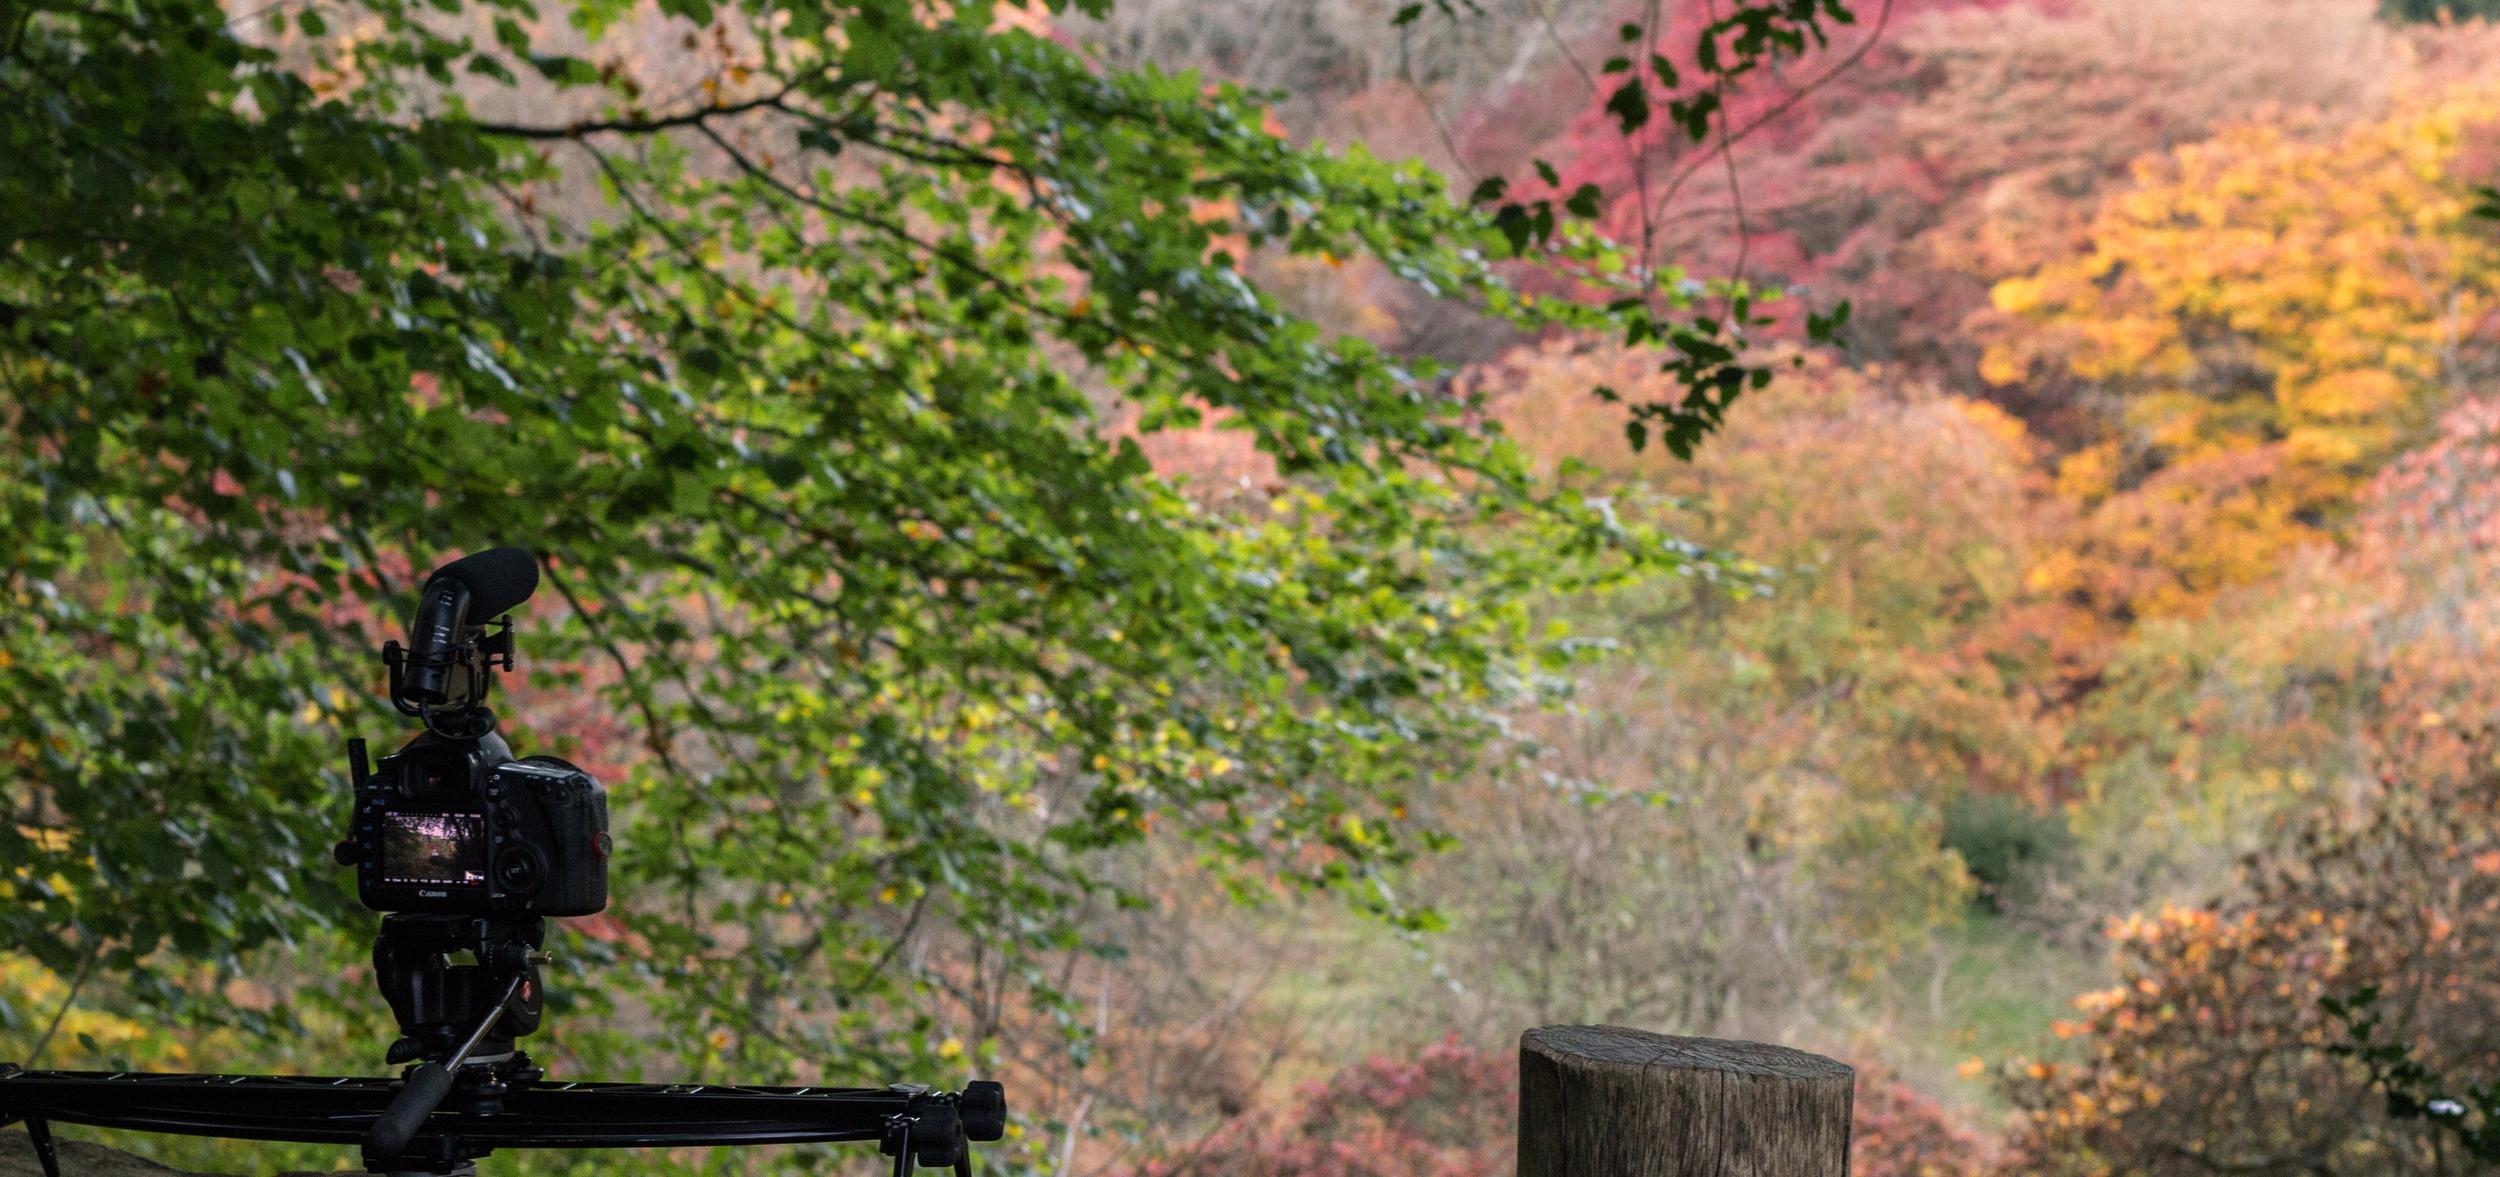 Abundant autumnal foliage scattered the landscapes hillsides.